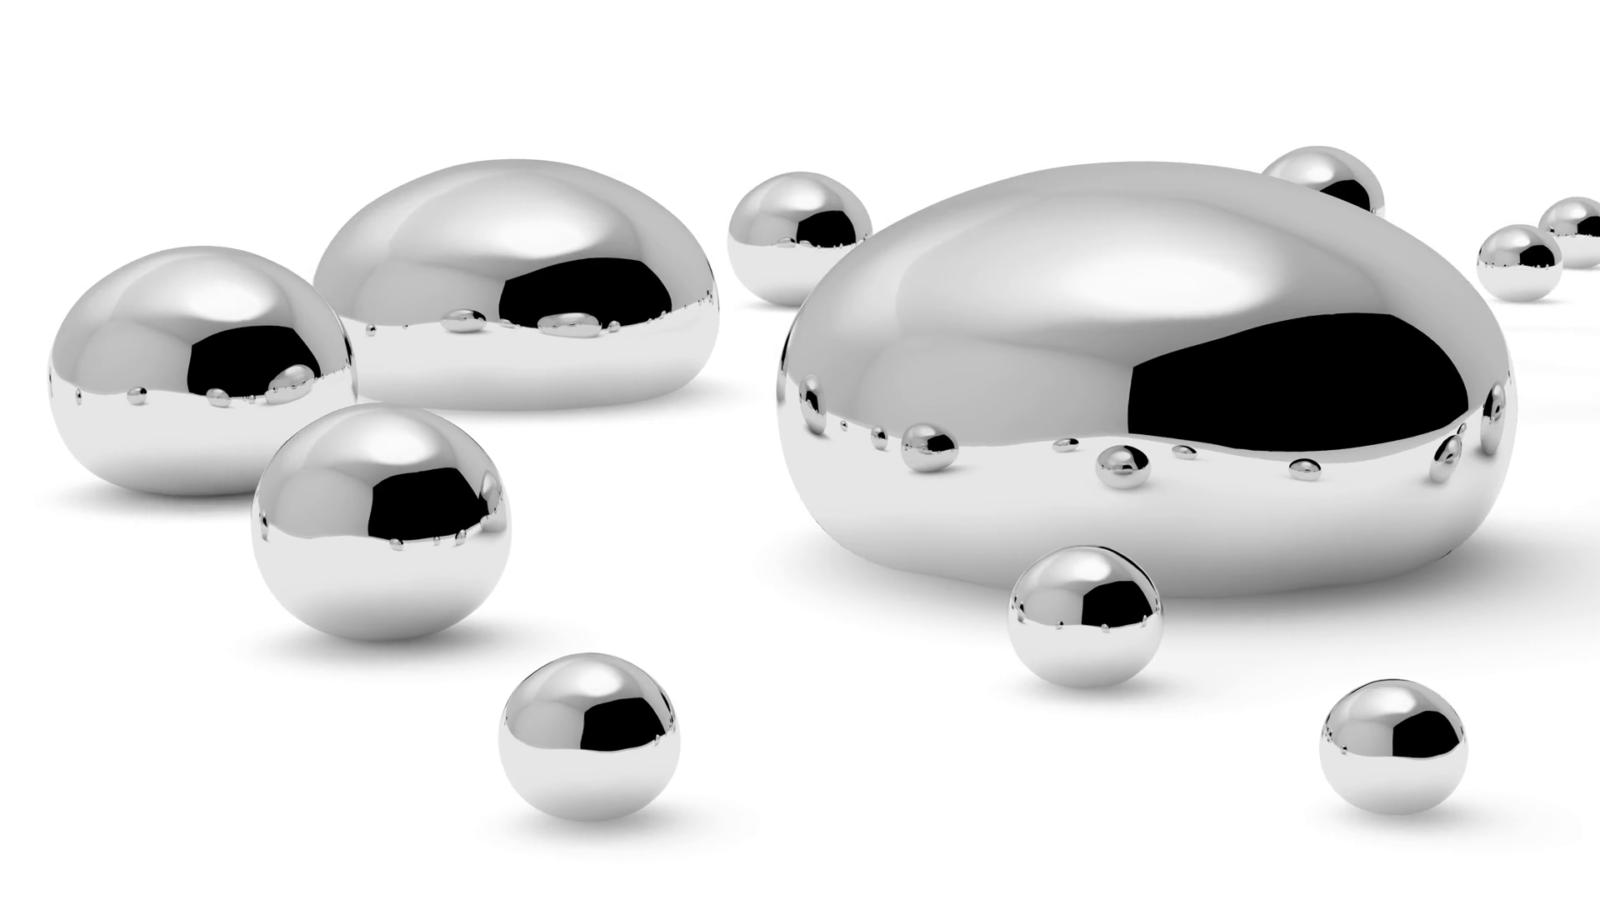 Tossicità da mercurio: cura e detossificazione